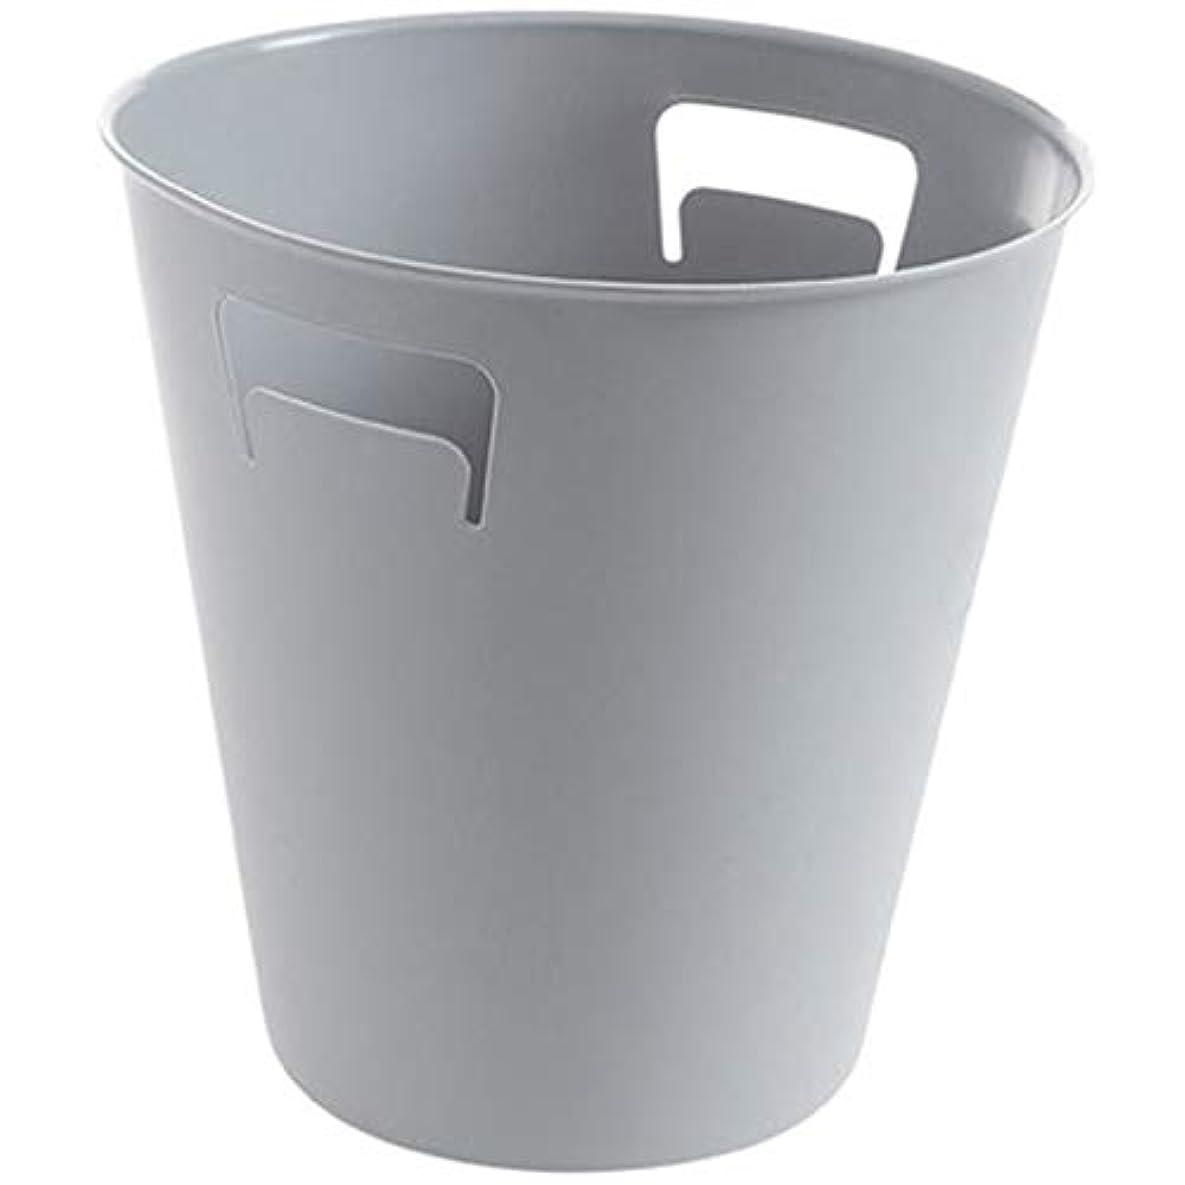 兄不適当不屈IUYWLごみ箱 いいえ圧力リング丸ゴミ箱ゴミ箱pressureキッチン浴室家庭用プラスチックゴミ箱ゴミ箱 IUYWLごみ箱 (Color : Gray)